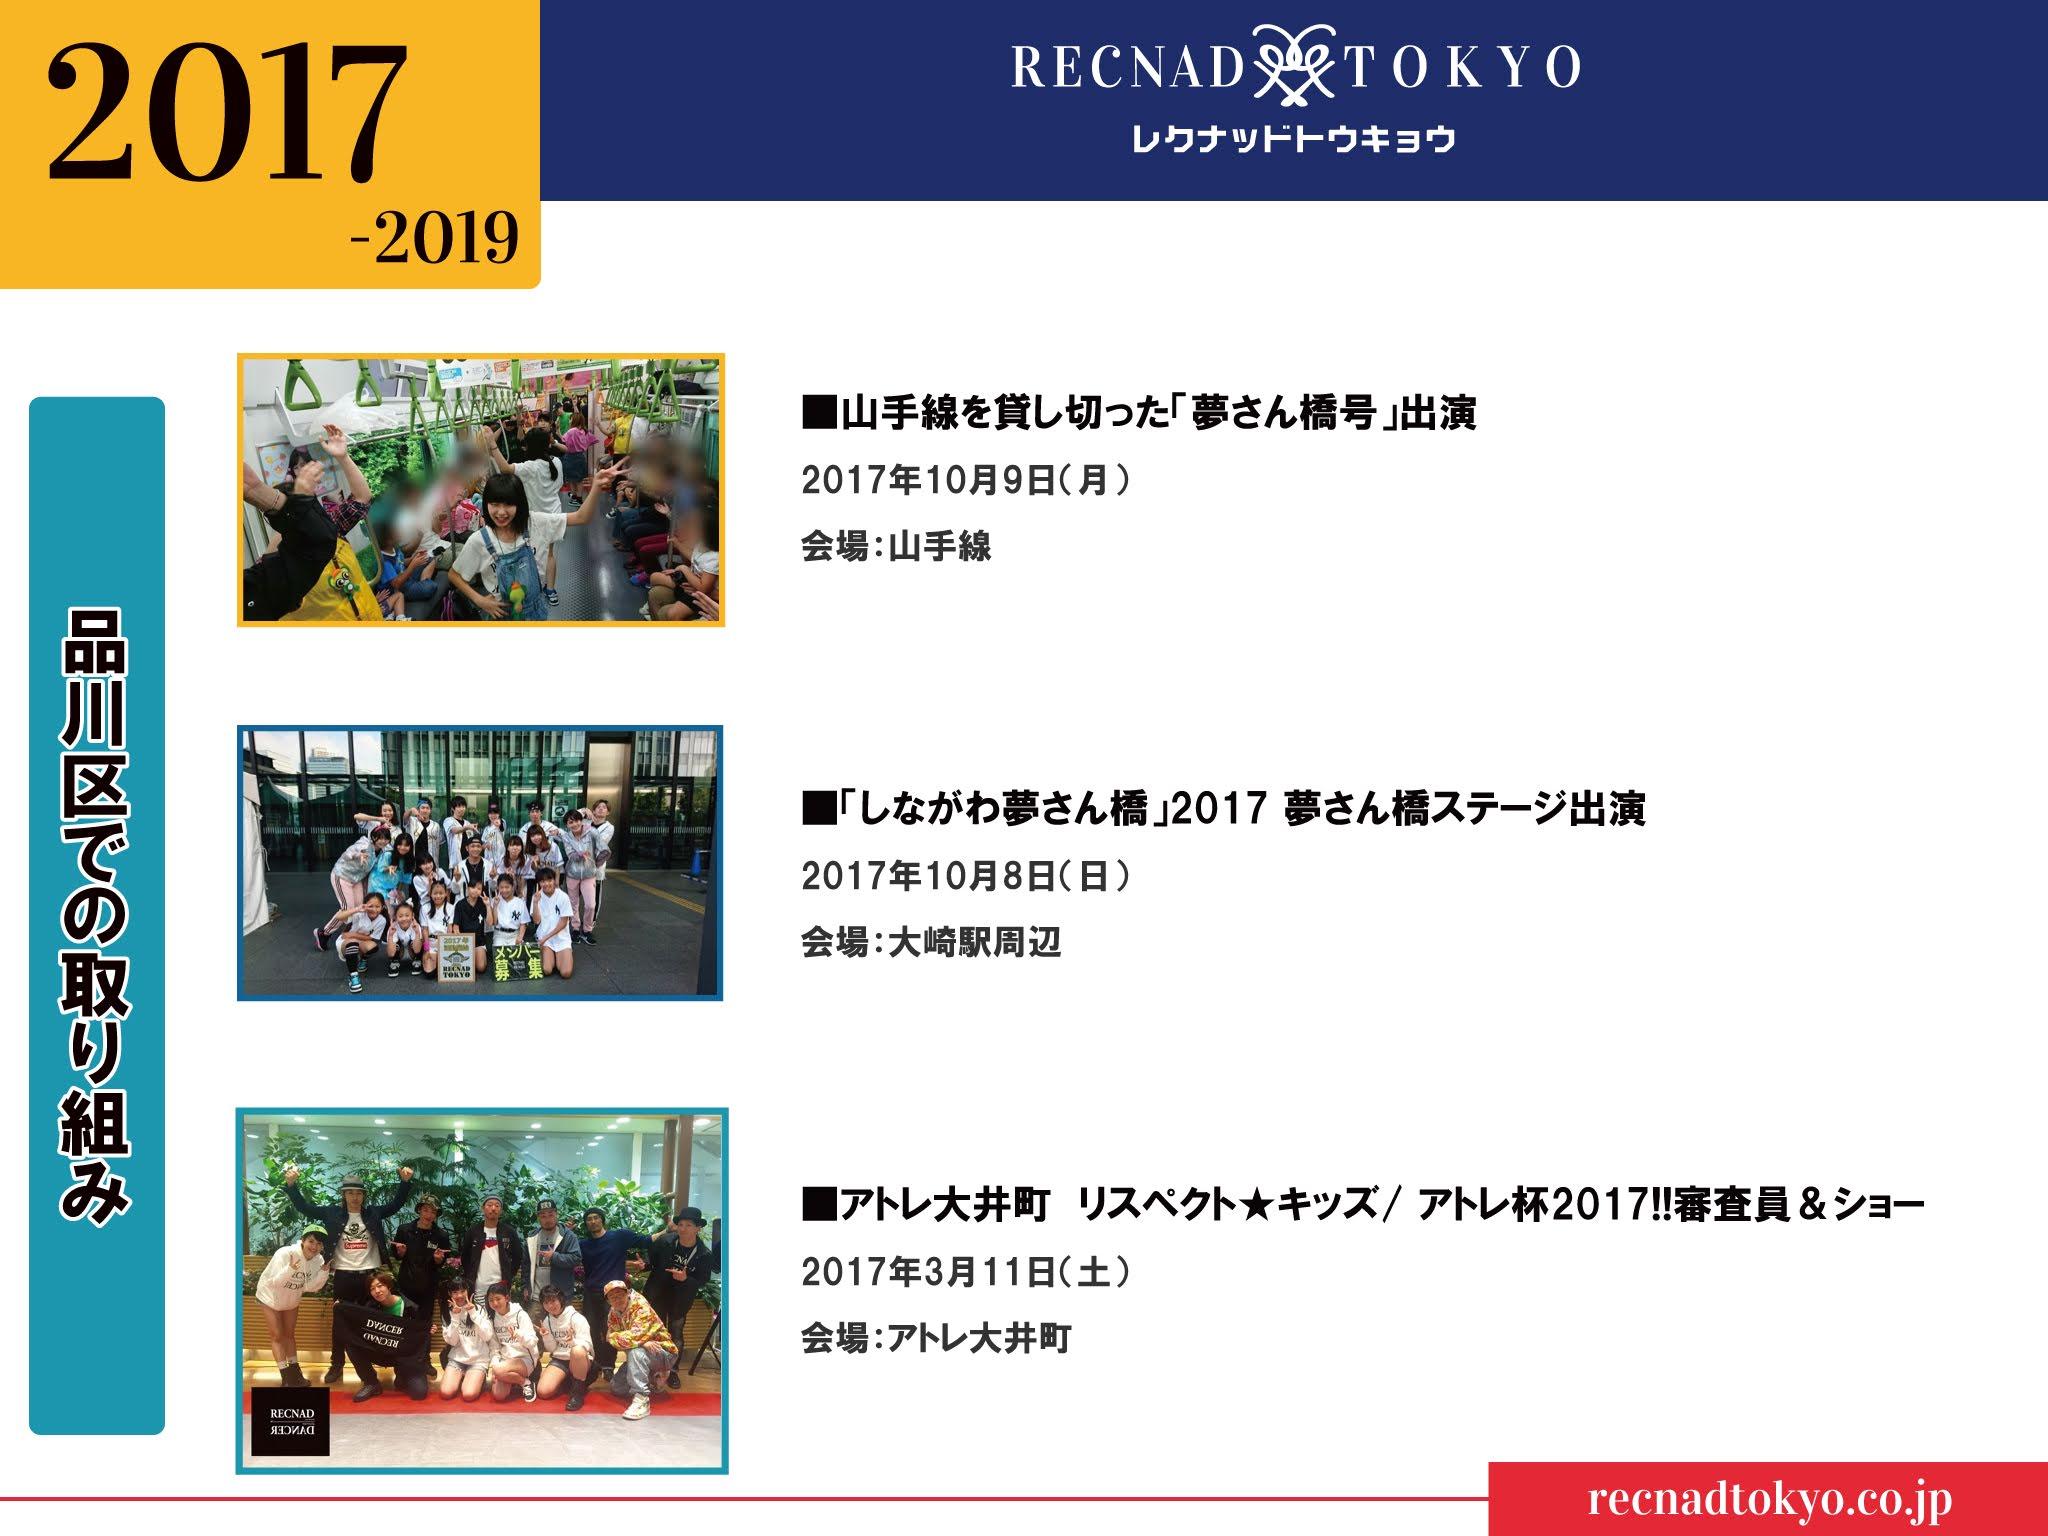 品川区での活動実績 | 株式会社 RECNAD TOKYO 地域事業